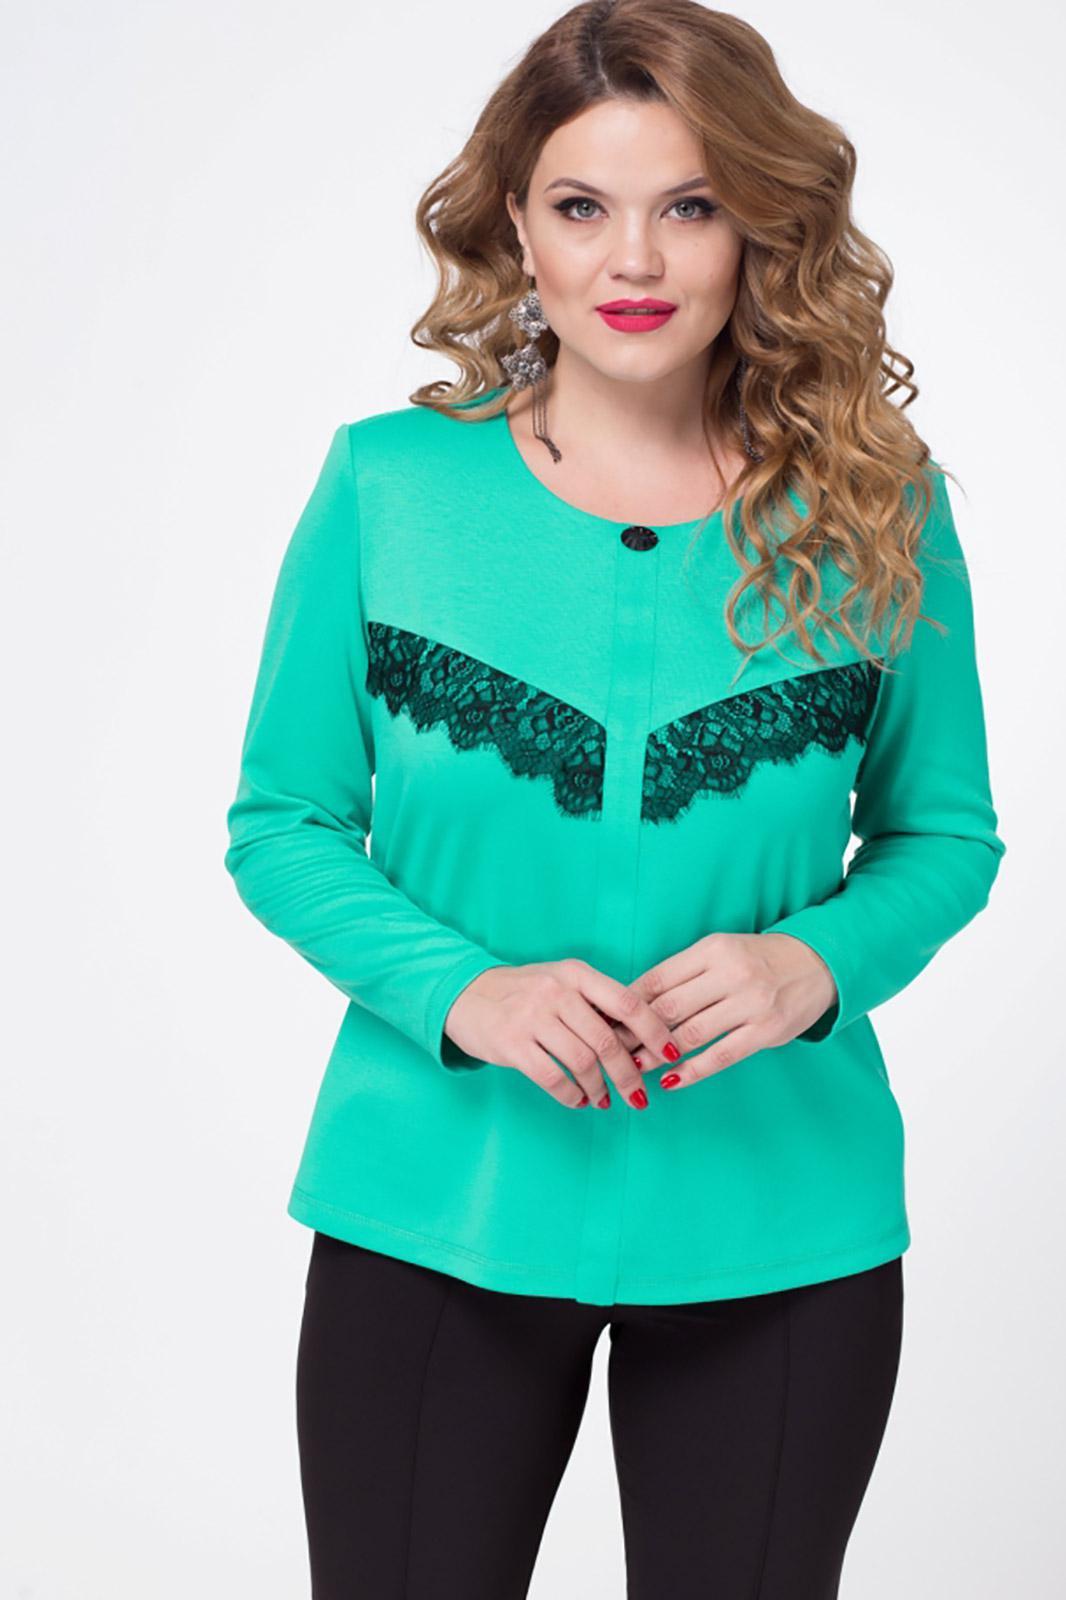 Купить красивую блузку больших размеров